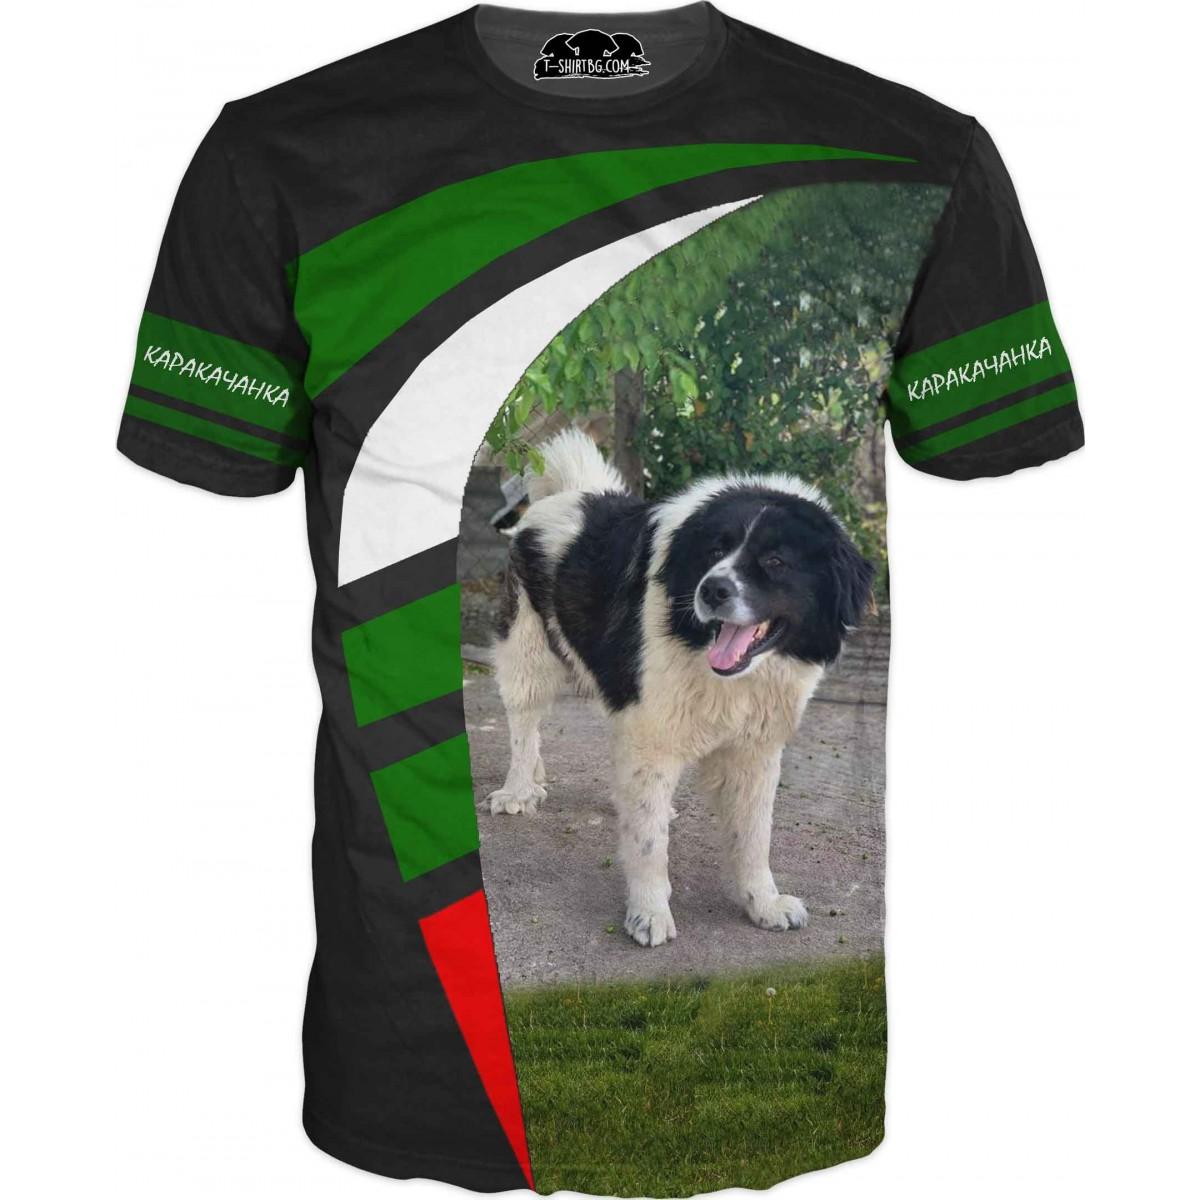 Ловна тениска с куче и трибагреник - каракачанка